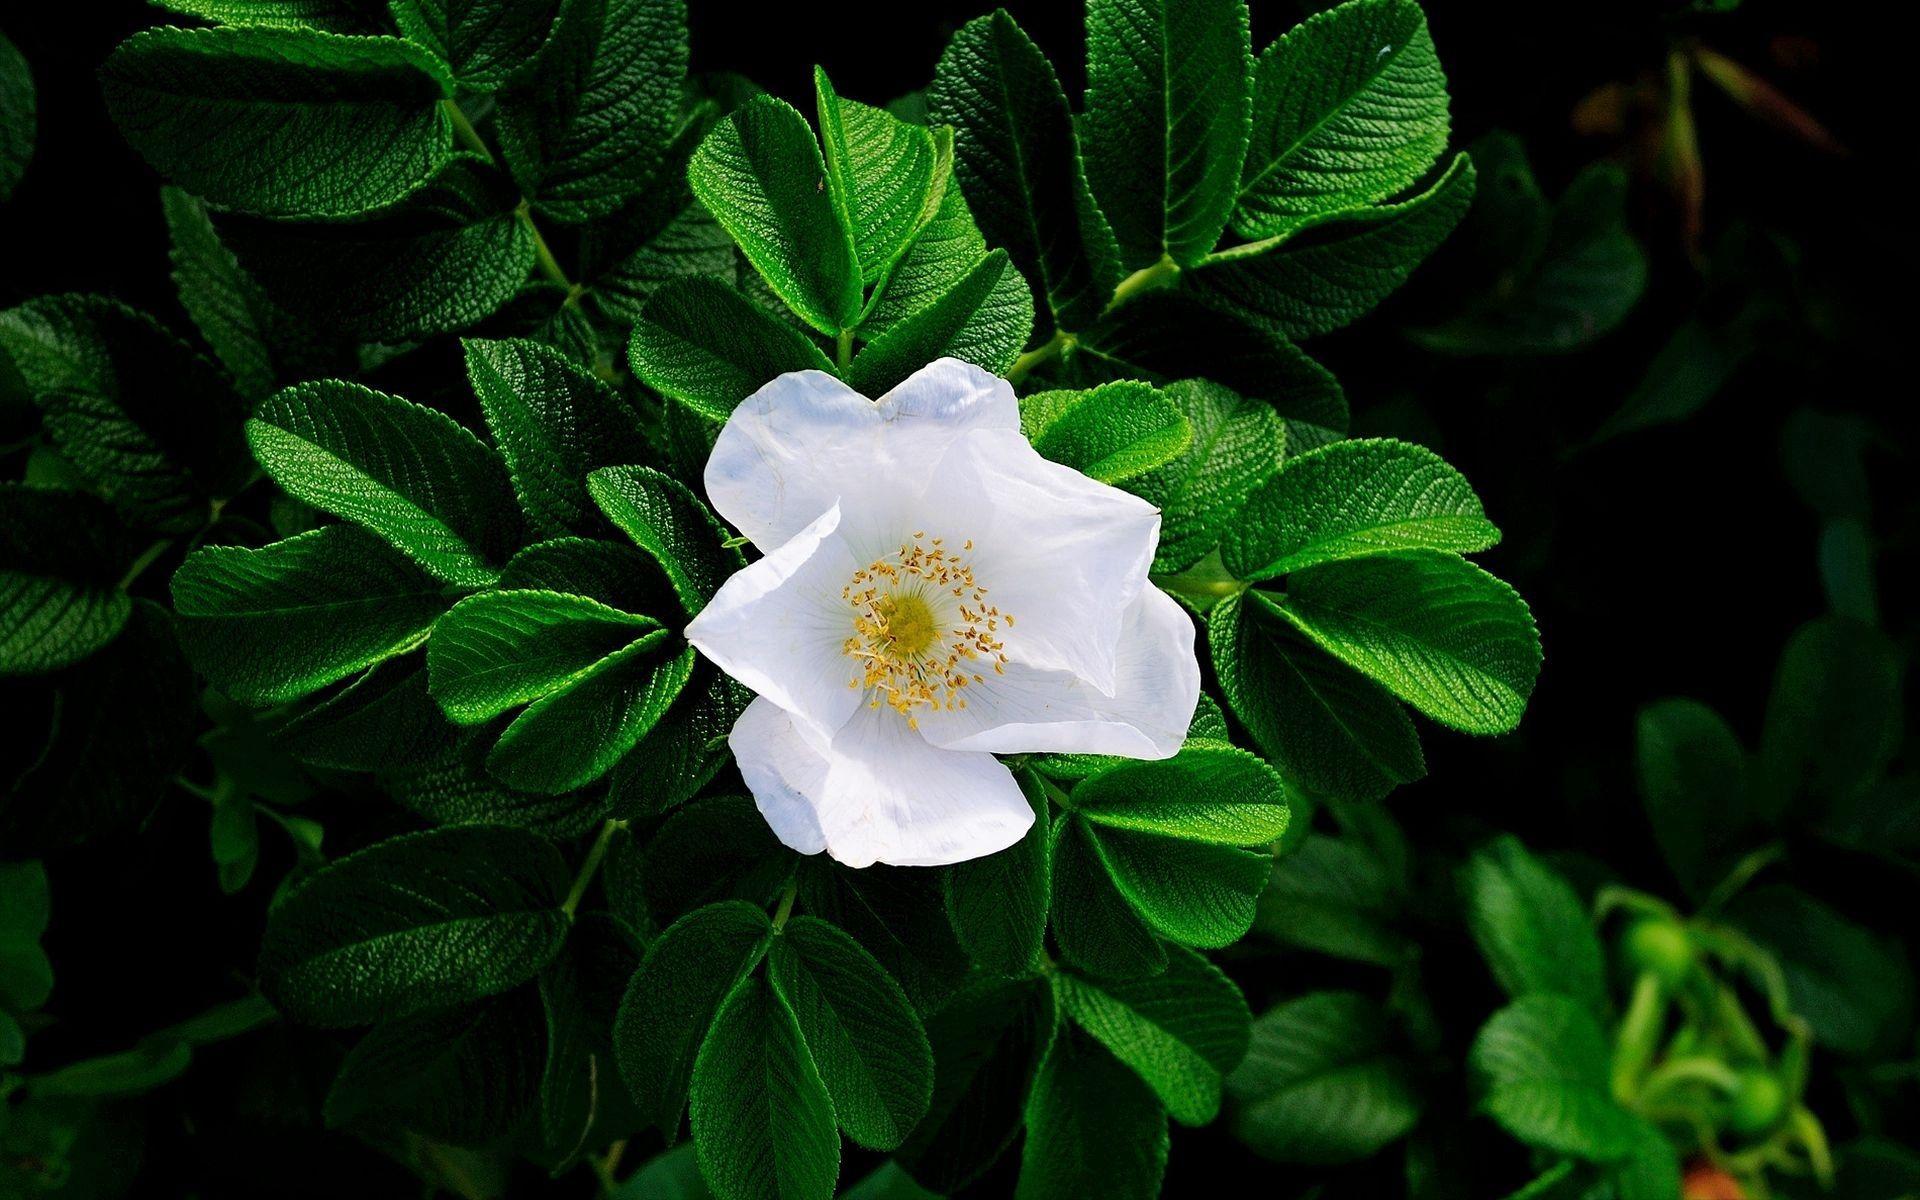 133669 скачать обои Цветы, Листья, Шиповник, Цветение, Зелень, Белый - заставки и картинки бесплатно